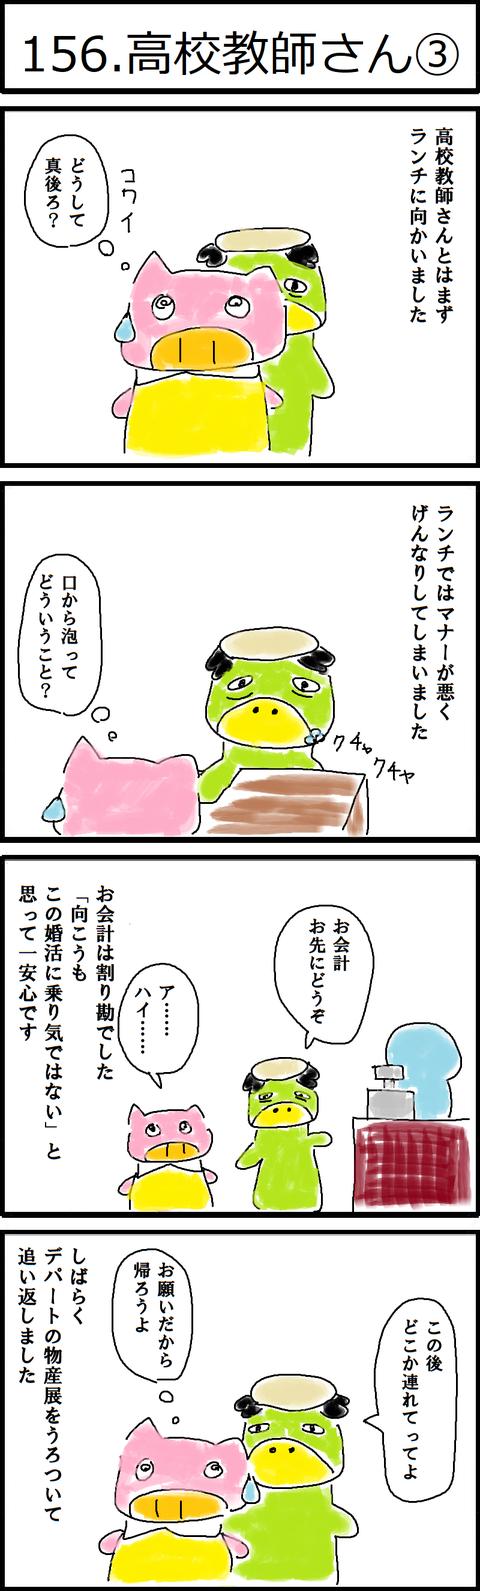 156.高校教師さん③